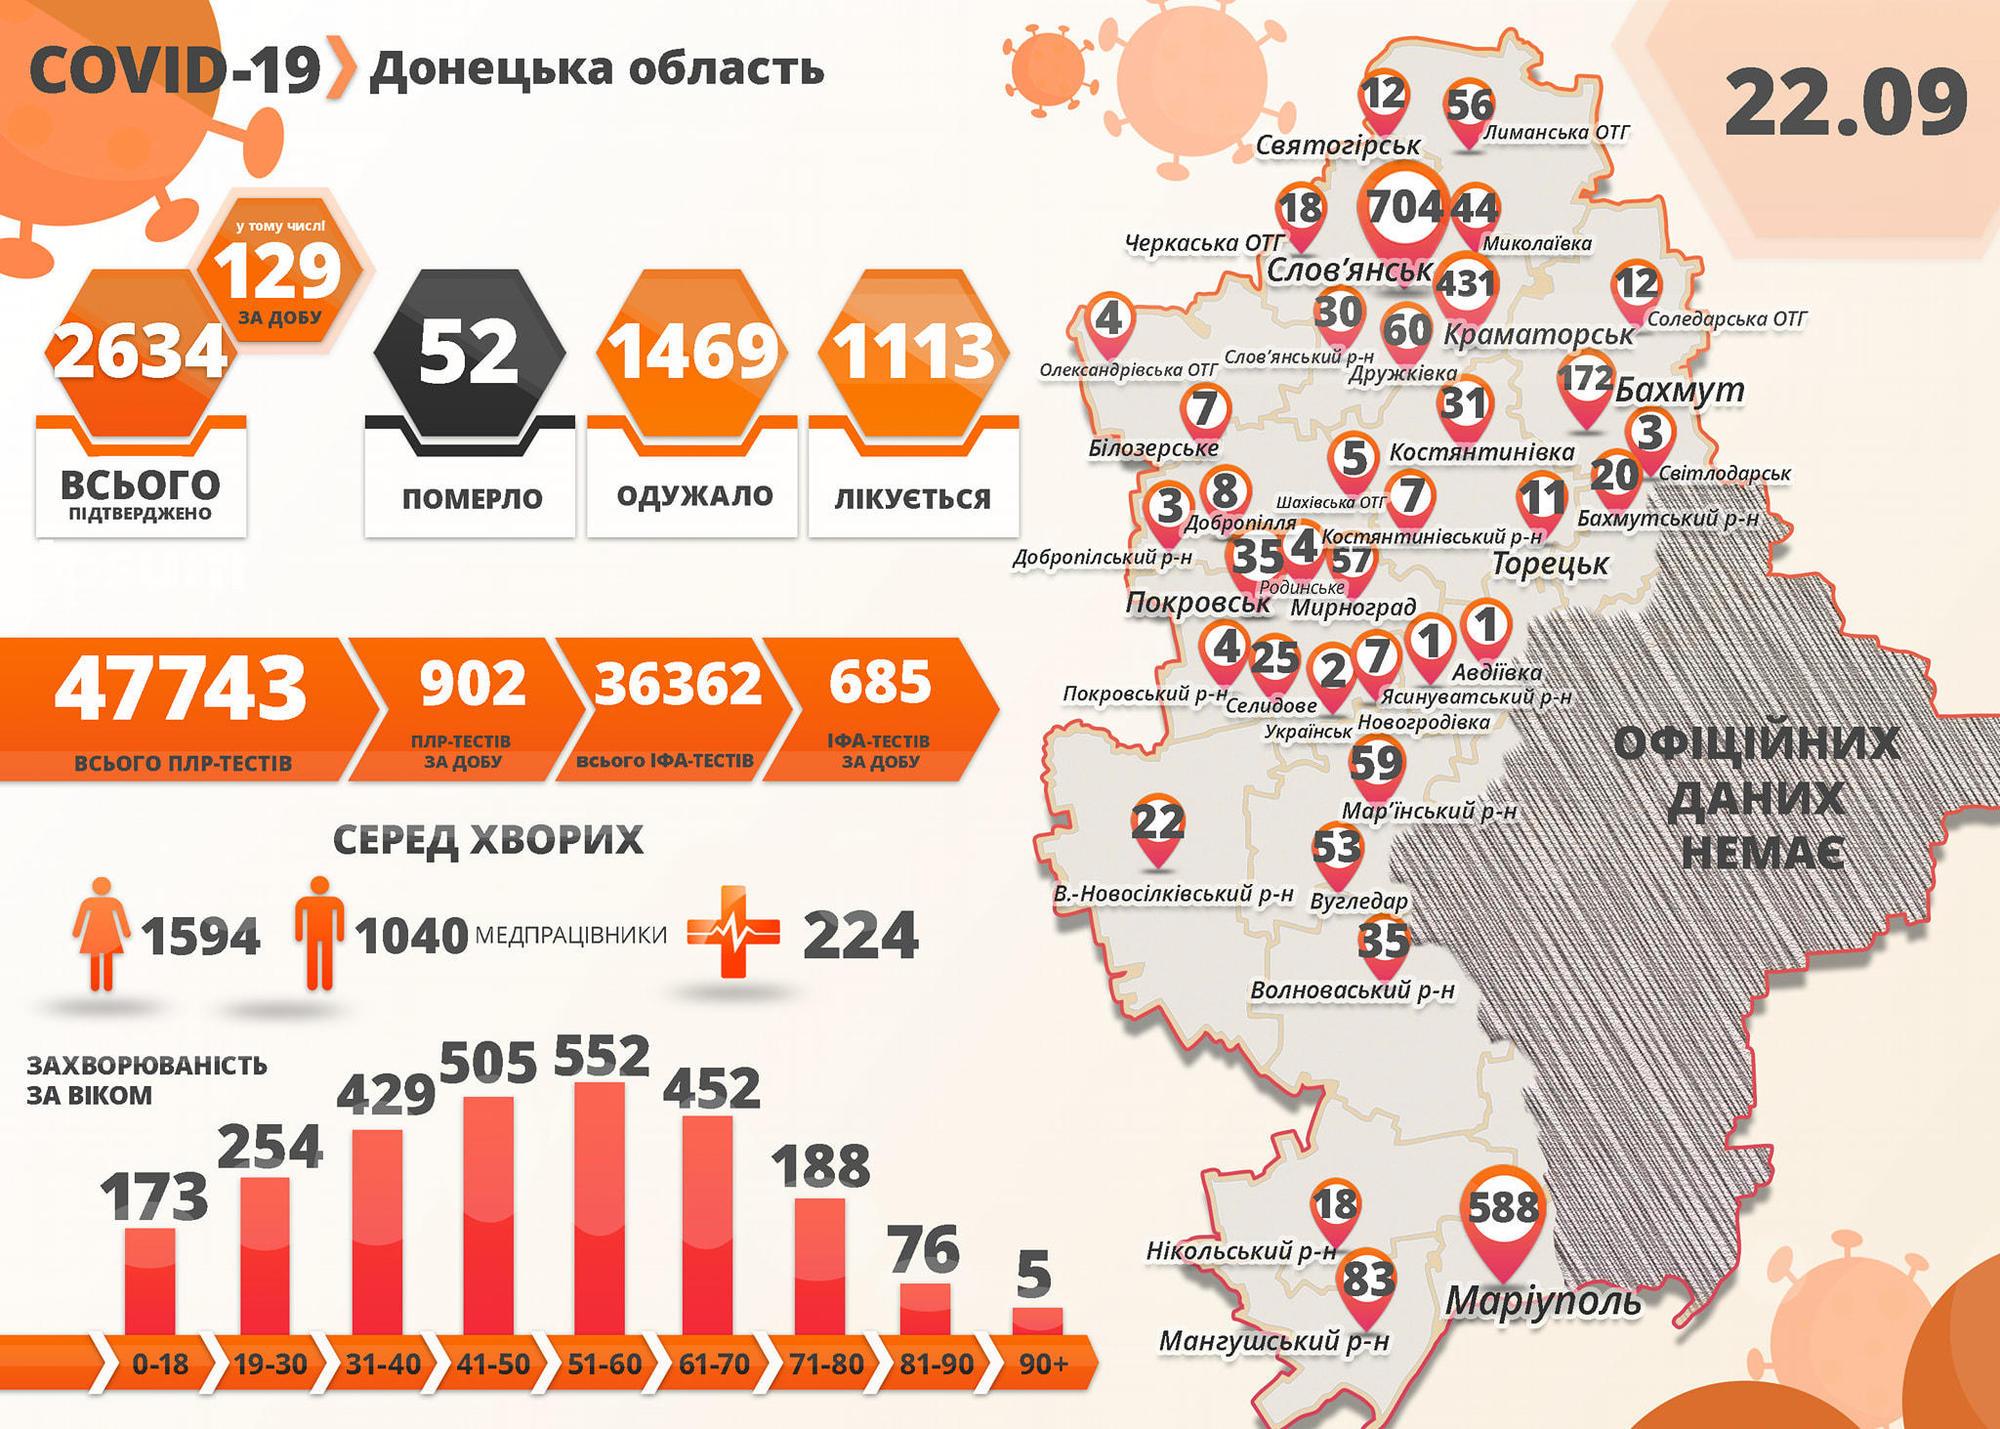 На підконтрольній Донеччині – 129 нових хворих з COVID-19 та ще 2 смерті